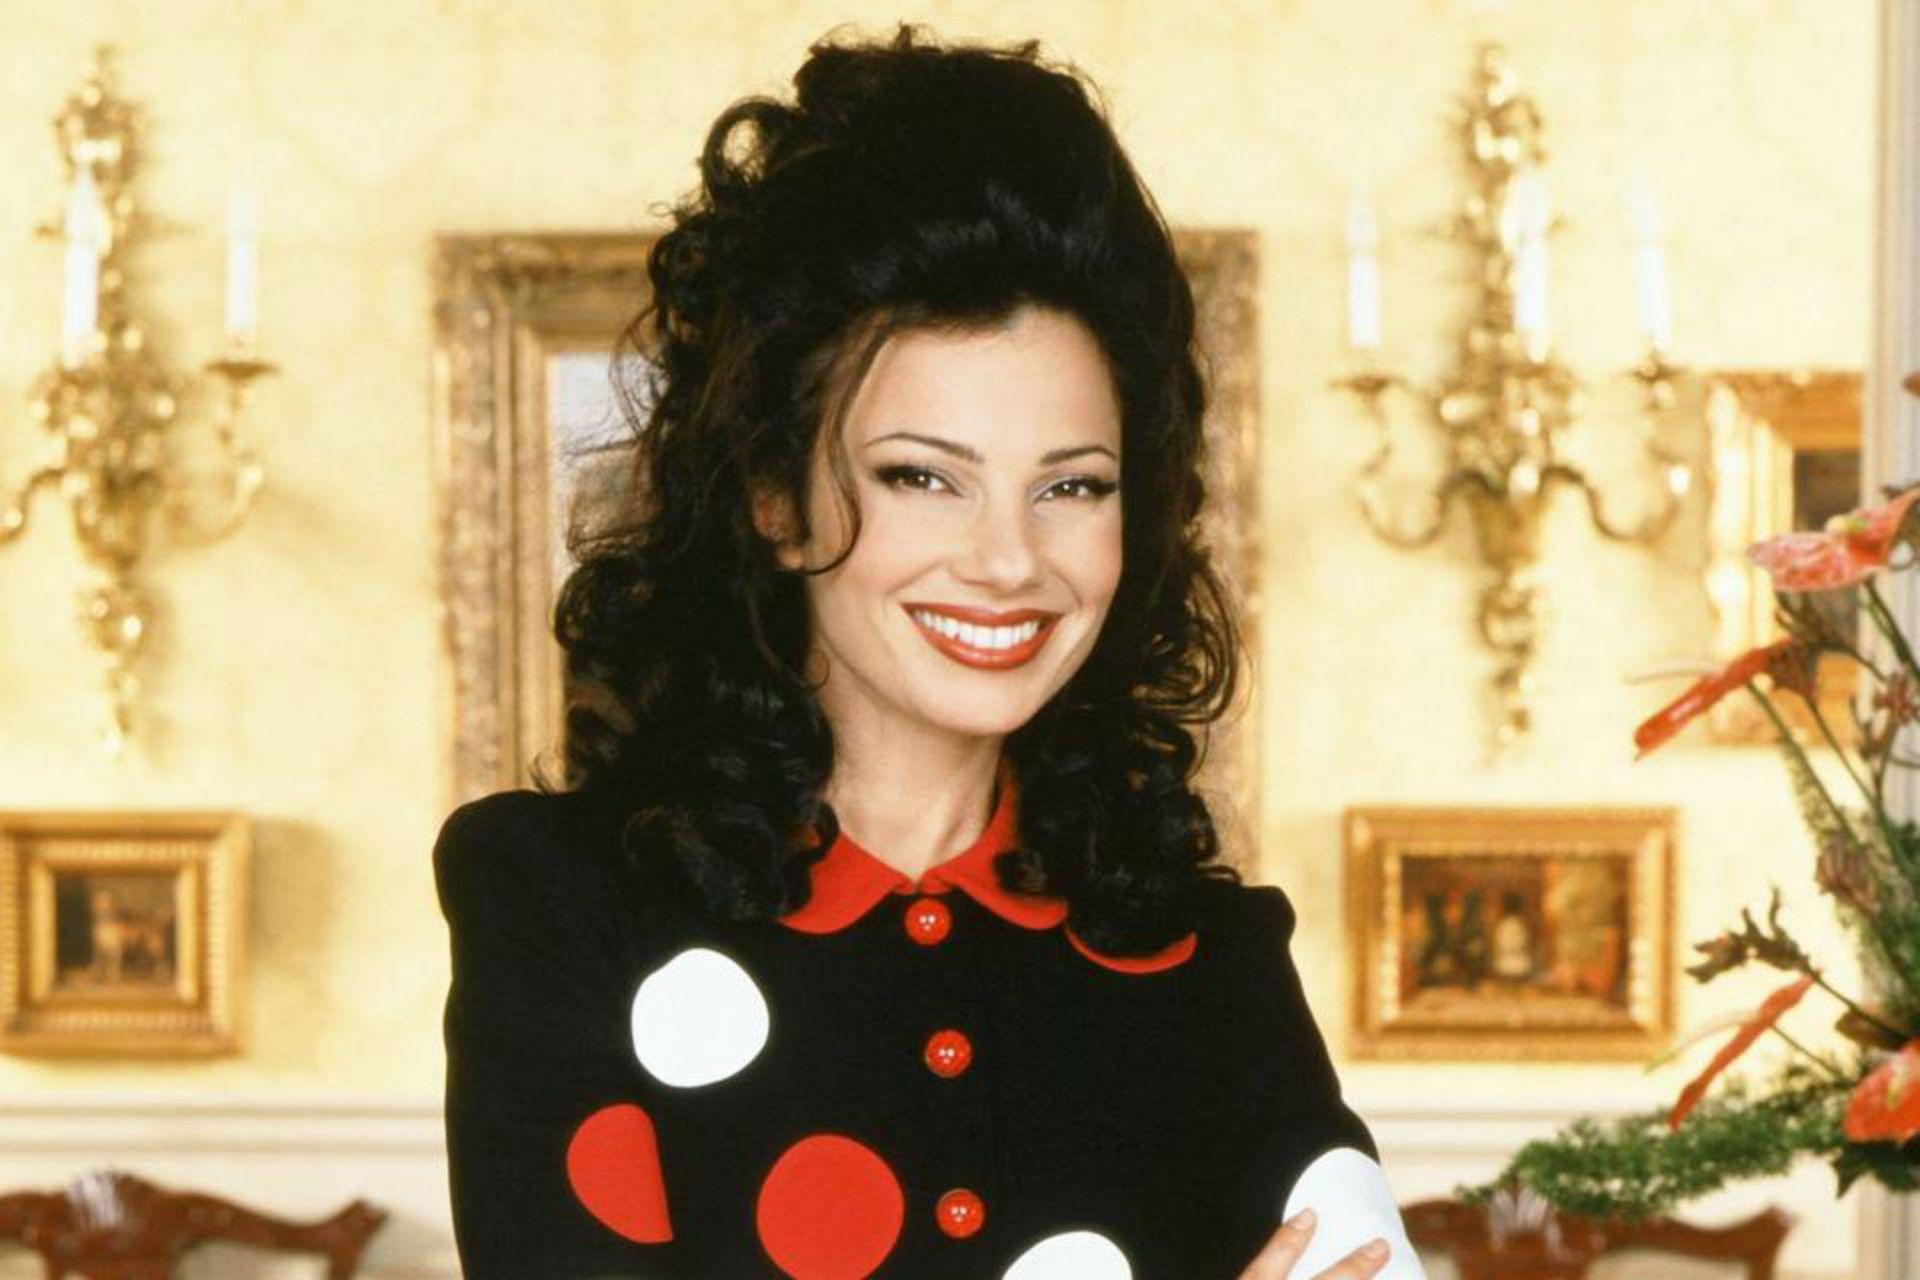 Fran Drescher actuó como la niñera desde 1993 hasta 1999, durante seis temporadas